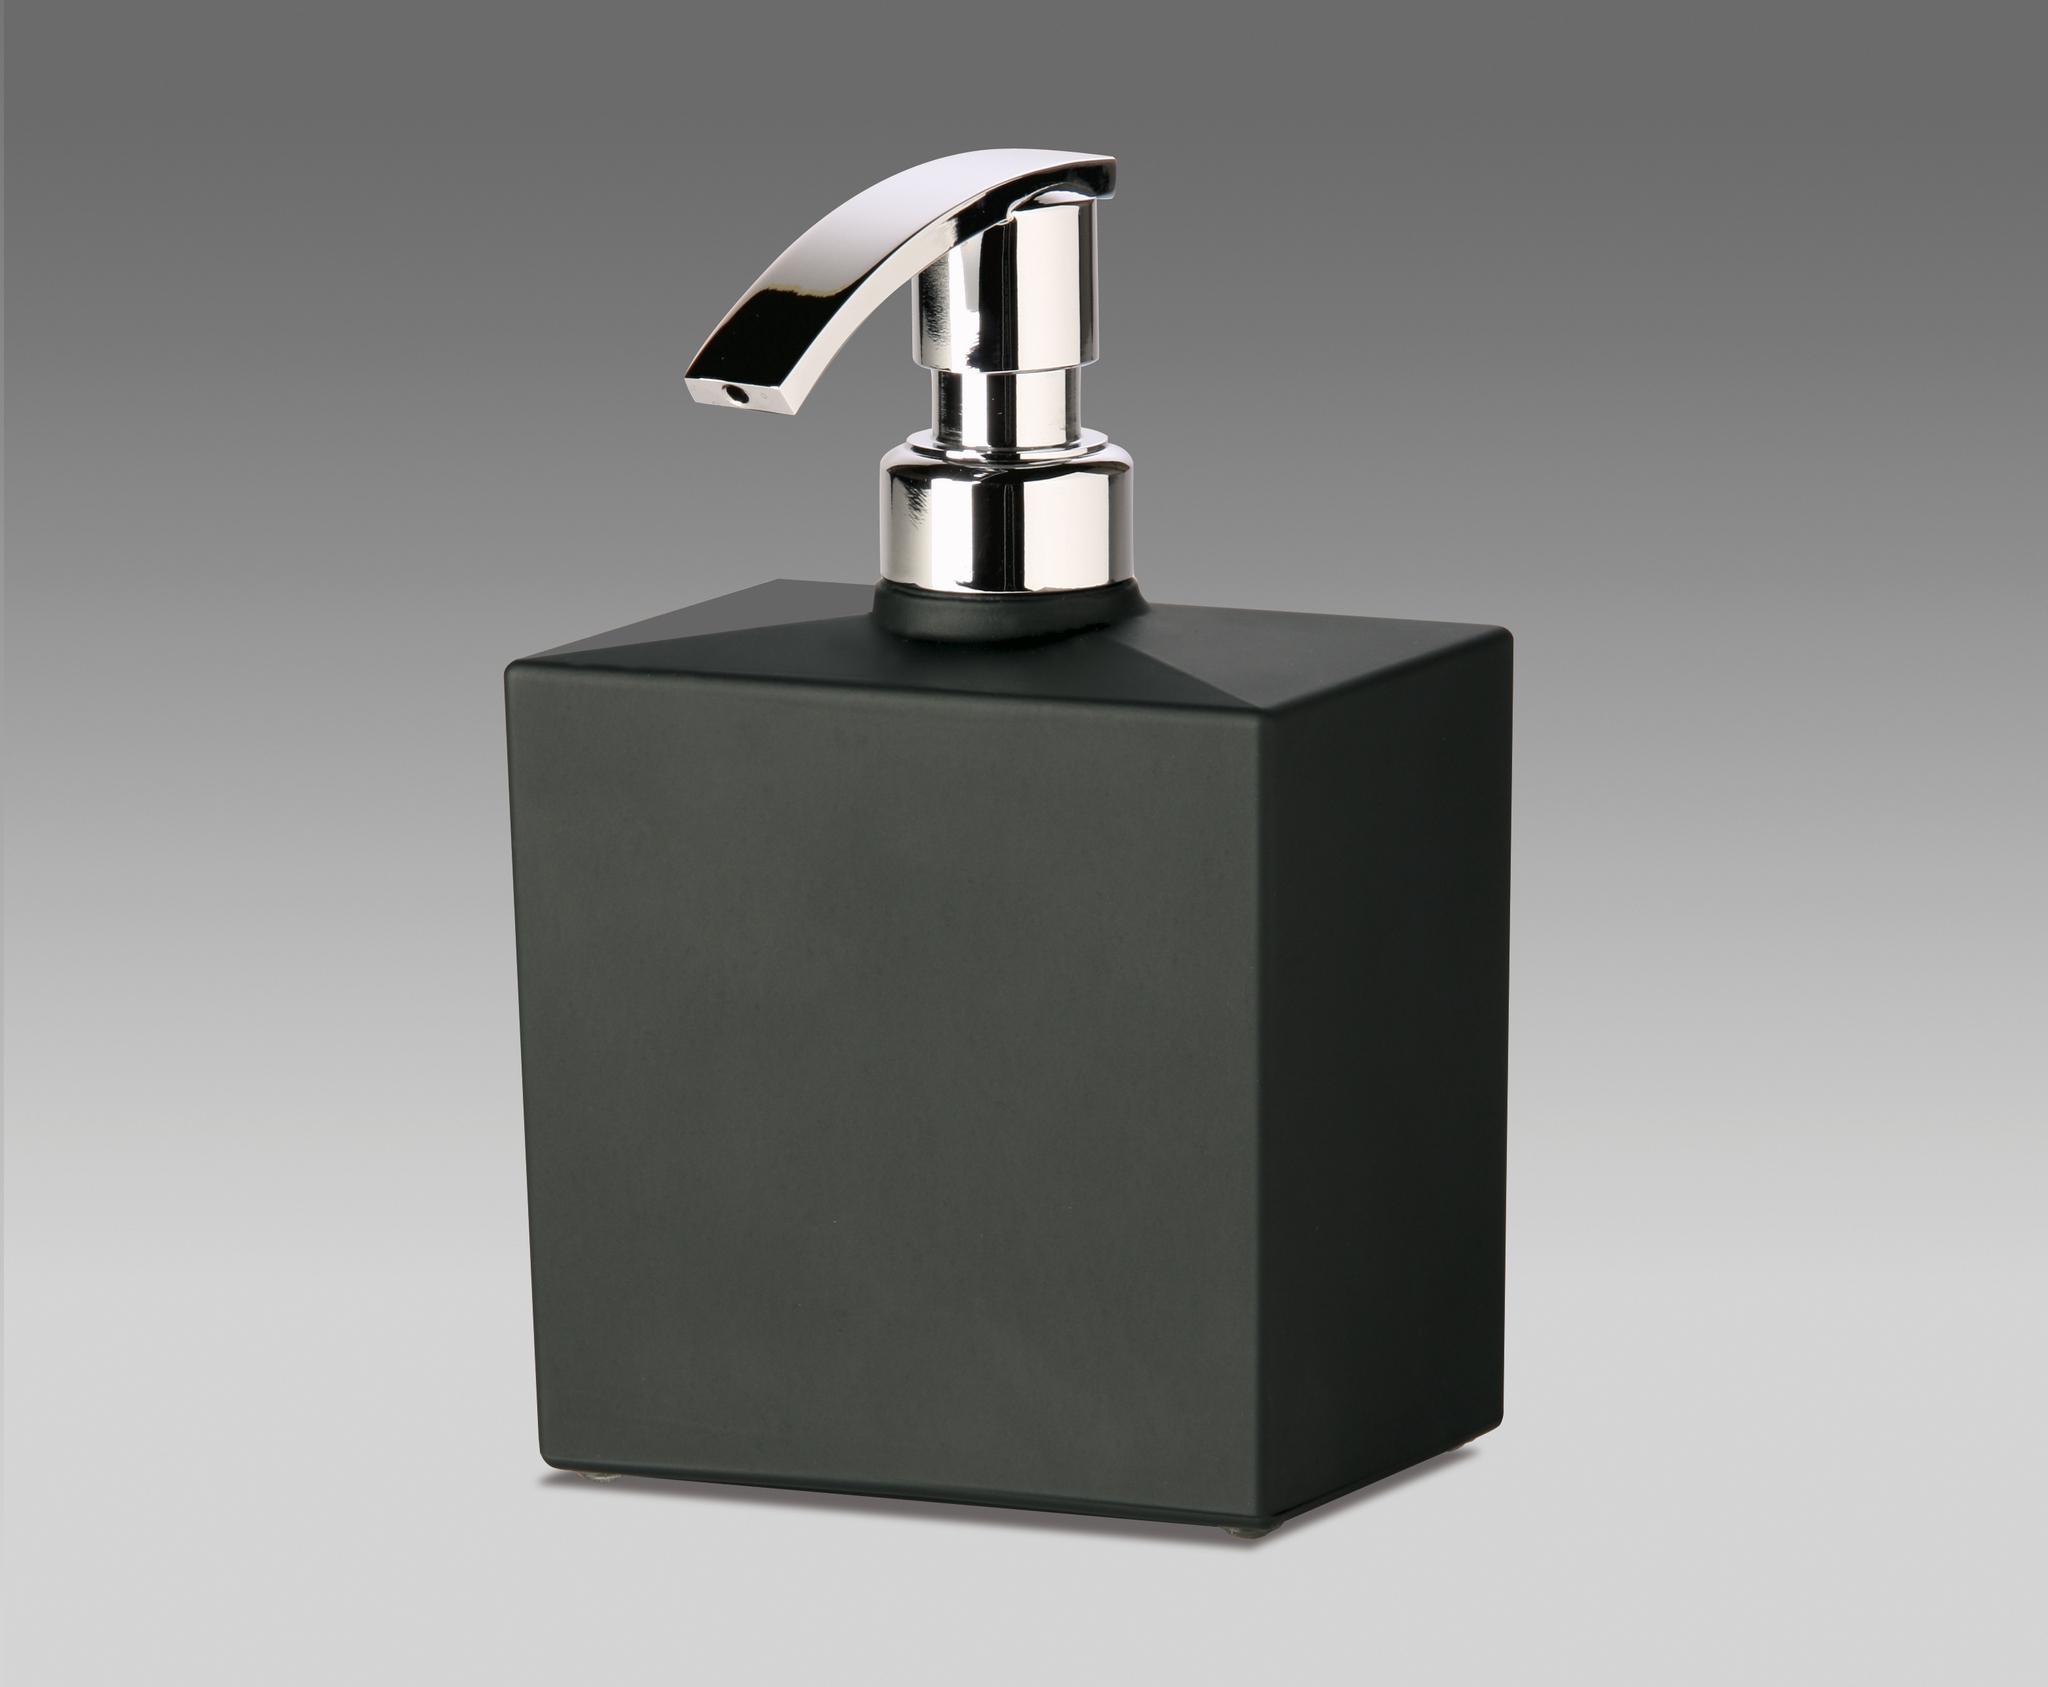 Дозаторы для мыла Дозатор для мыла Windisch 90301NCR Frozen Crystal dispenser-dlya-myla-90301-frozen-crystal-ot-windisch-ispaniya-chernyy.jpg